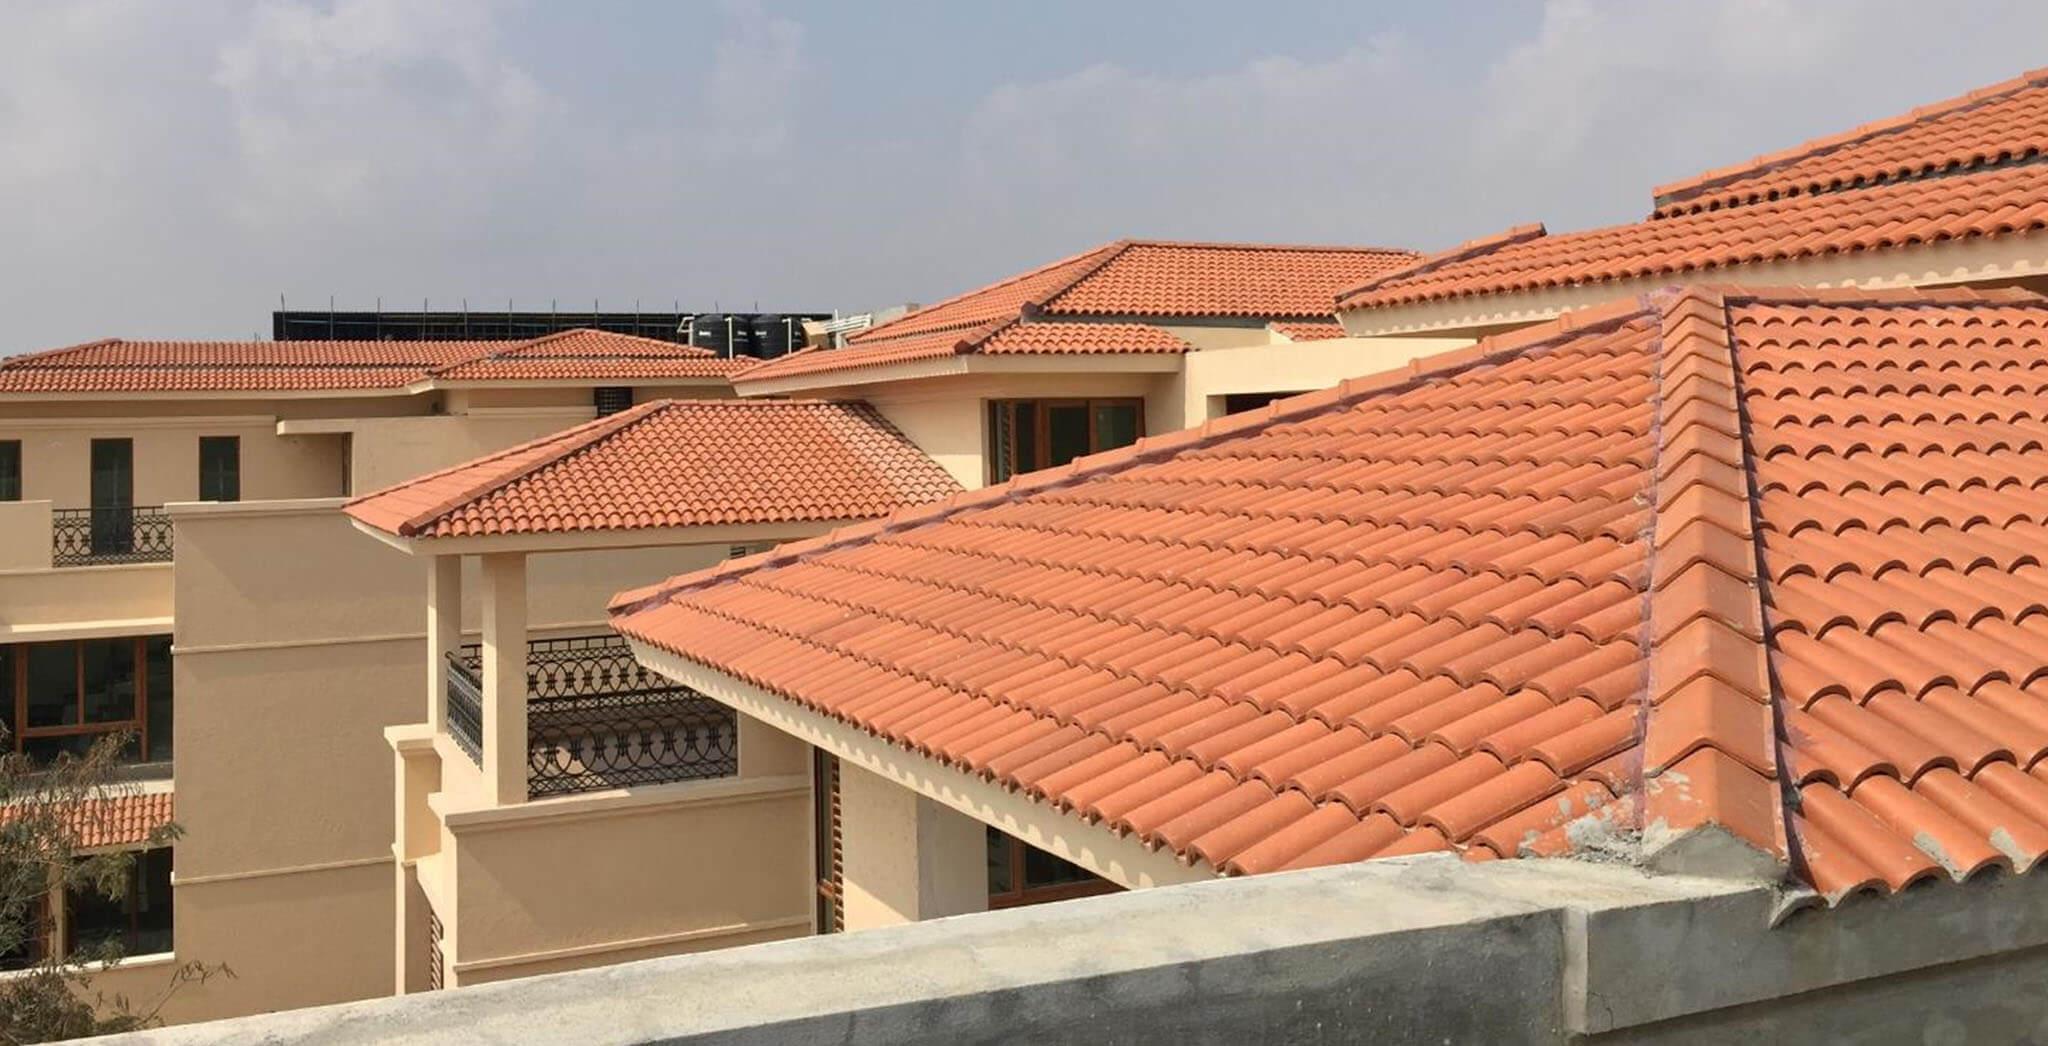 Jan 2019 - Villas Roof tiling work-in-progress